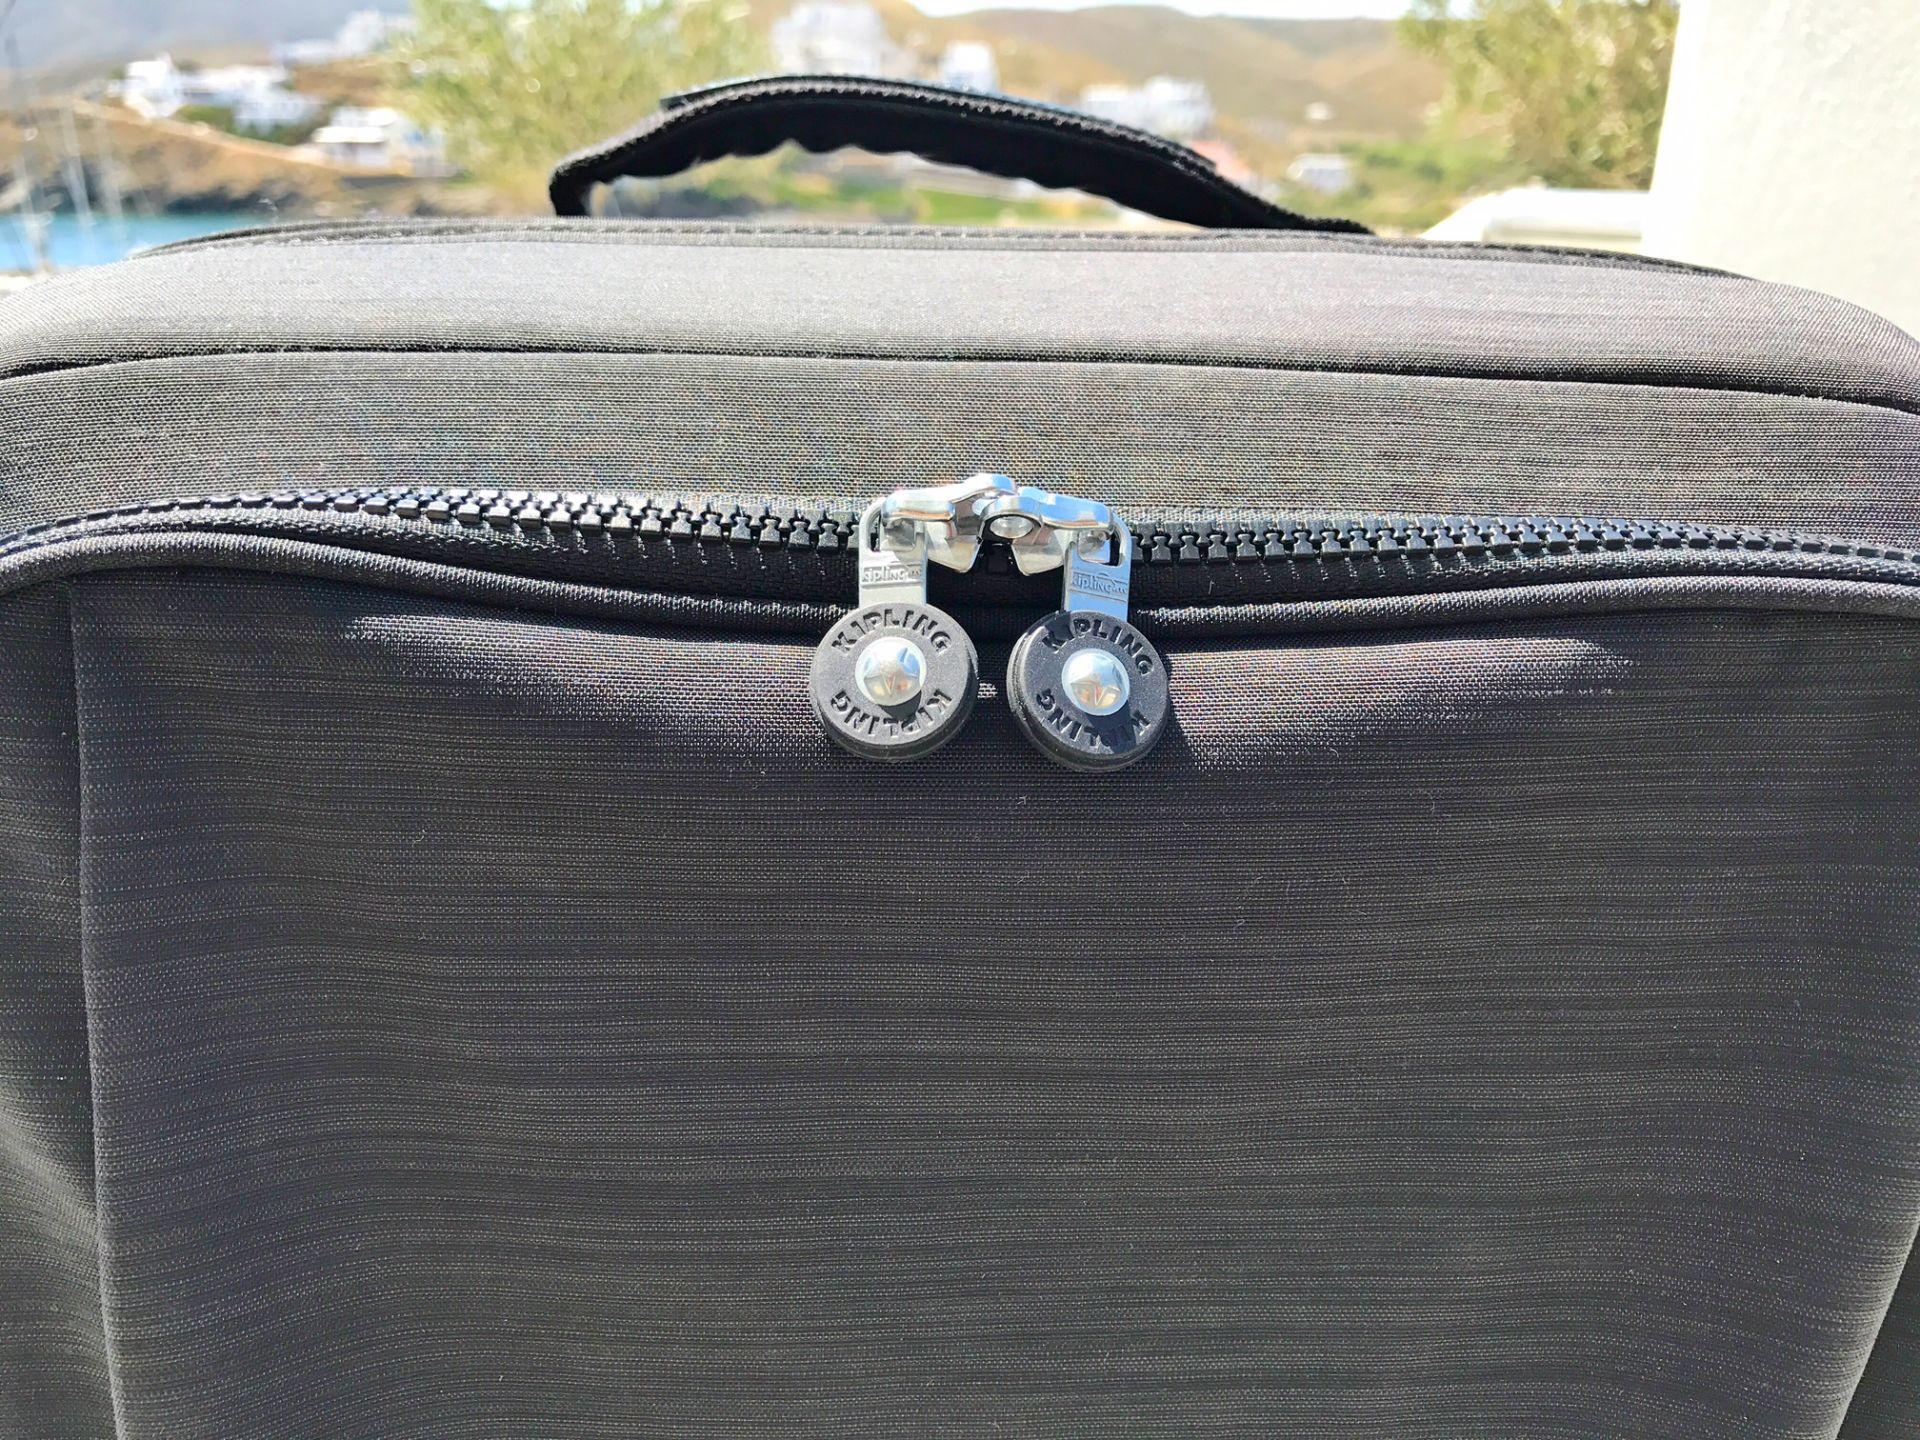 kipling-suitcase